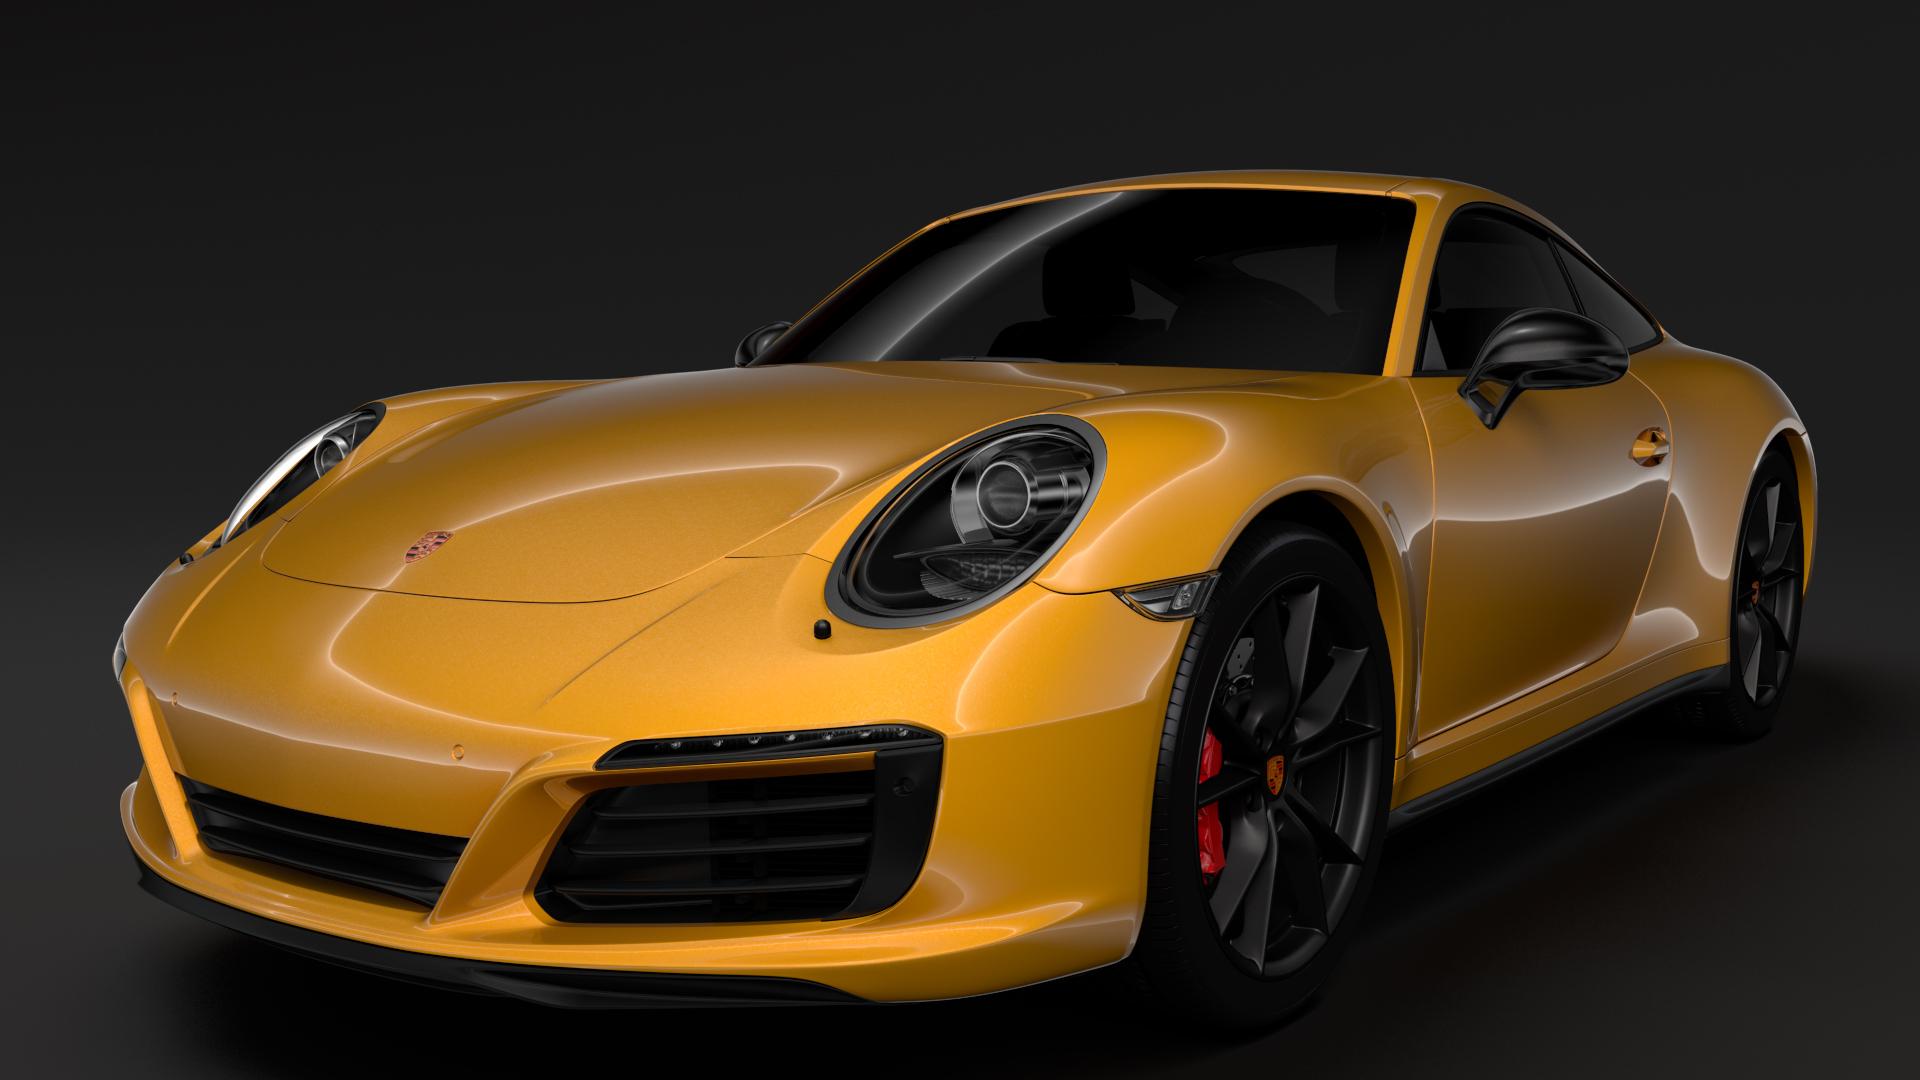 porsche 911 carrera t coupe (991) 2018 3d model max fbx c4d lwo ma mb hrc xsi obj 278962